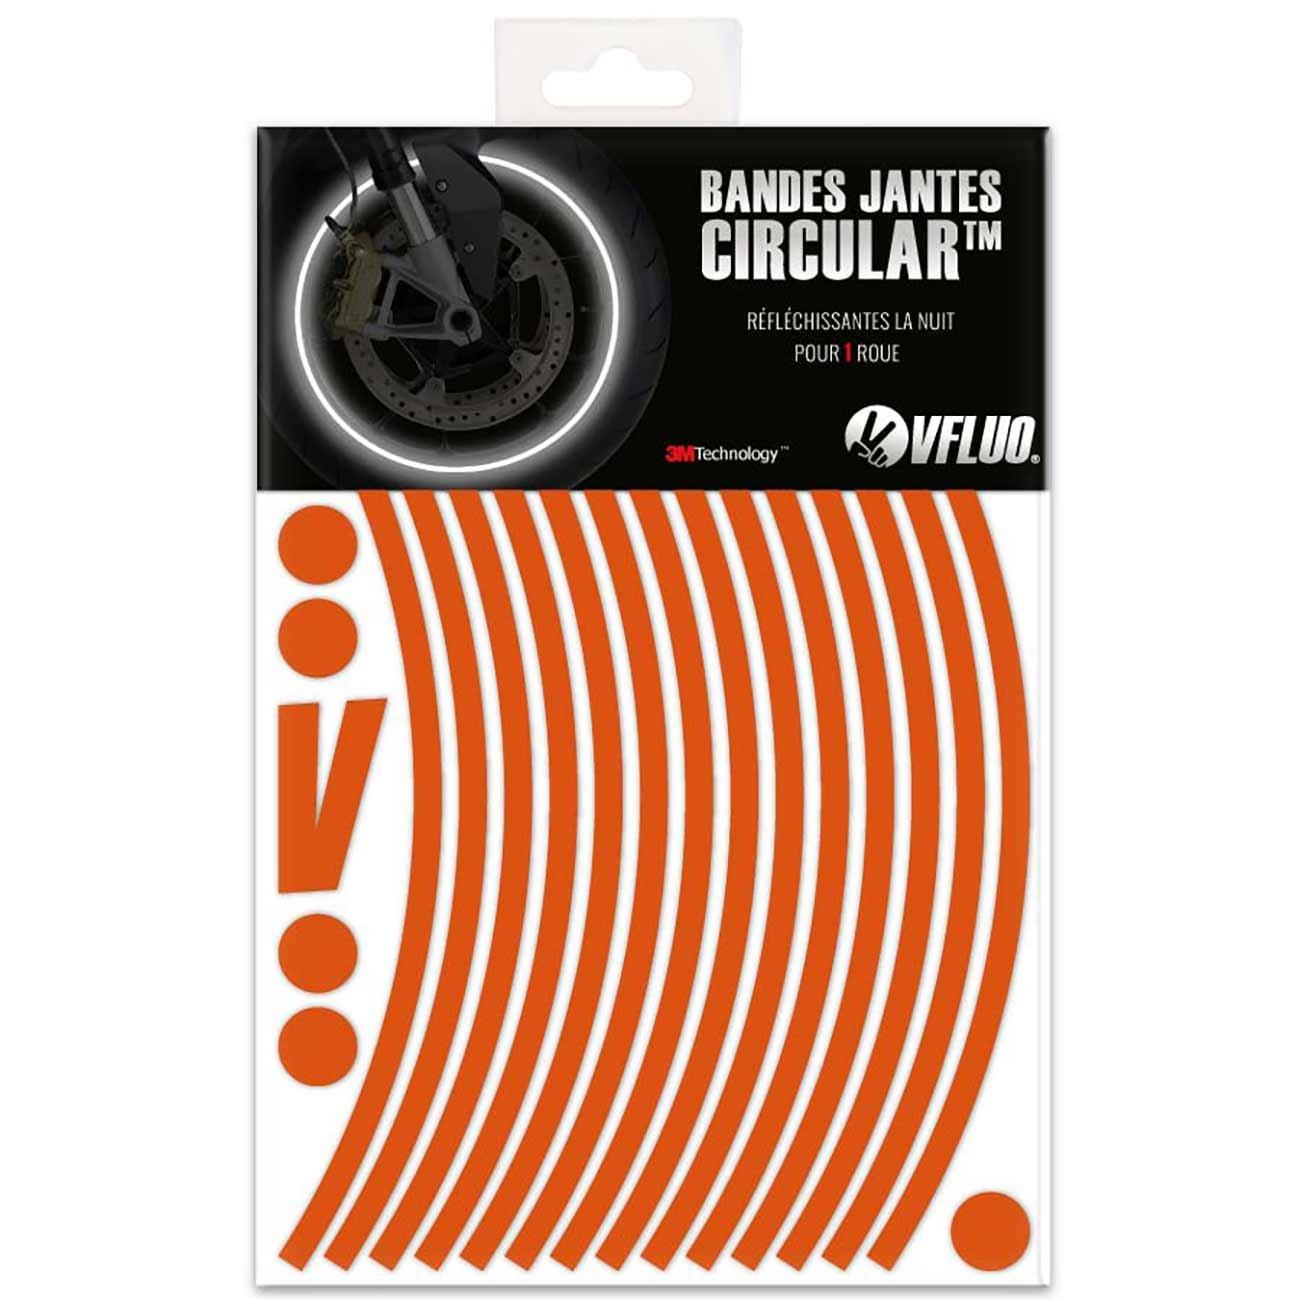 VFLUO Circular™ , Kit de Cintas, Rayas Retro Reflectantes para Llantas de Moto (1 Rueda), 3M Technology™ , Anchura Normal : 7mm, Blanco/Plata 3M TechnologyTM